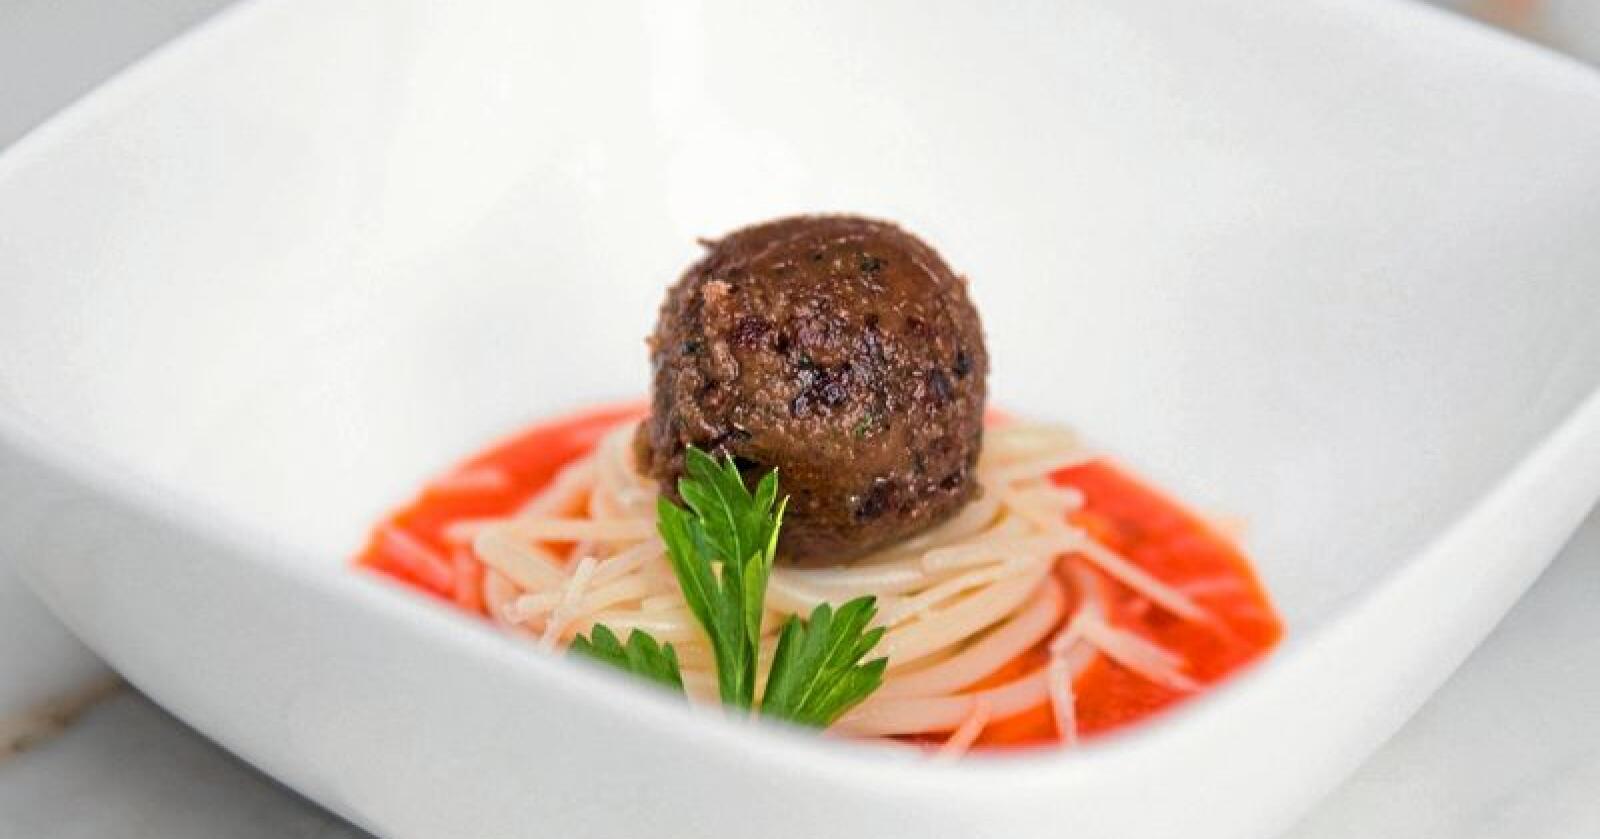 Kunstig: Kjøttbolle, dyrket fram i et laboratorium. Foto: Memphis Meats